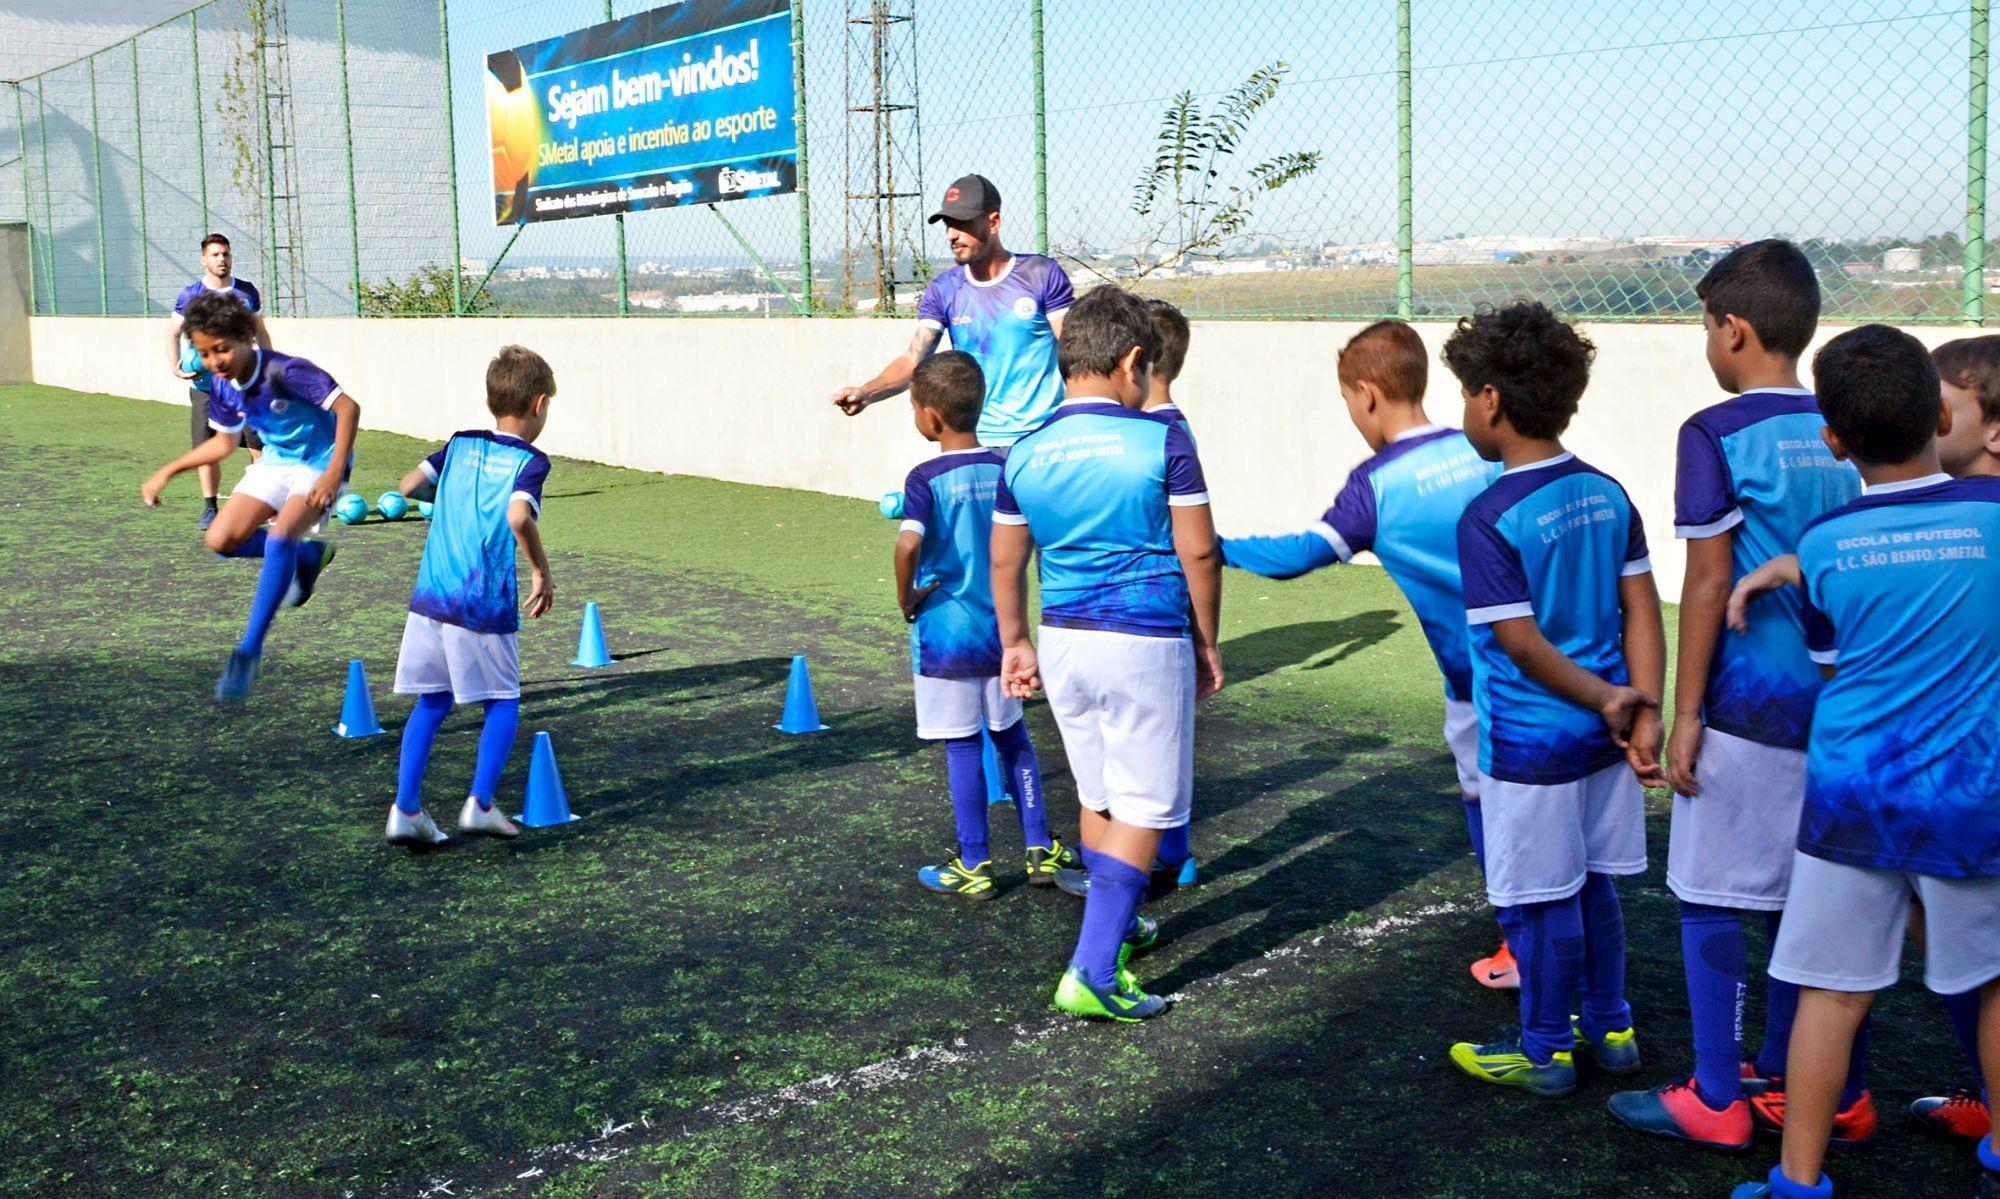 escolinha, smetal, são bento, azulão, futebol, tremonti,, Foguinho/Imprensa SMetal